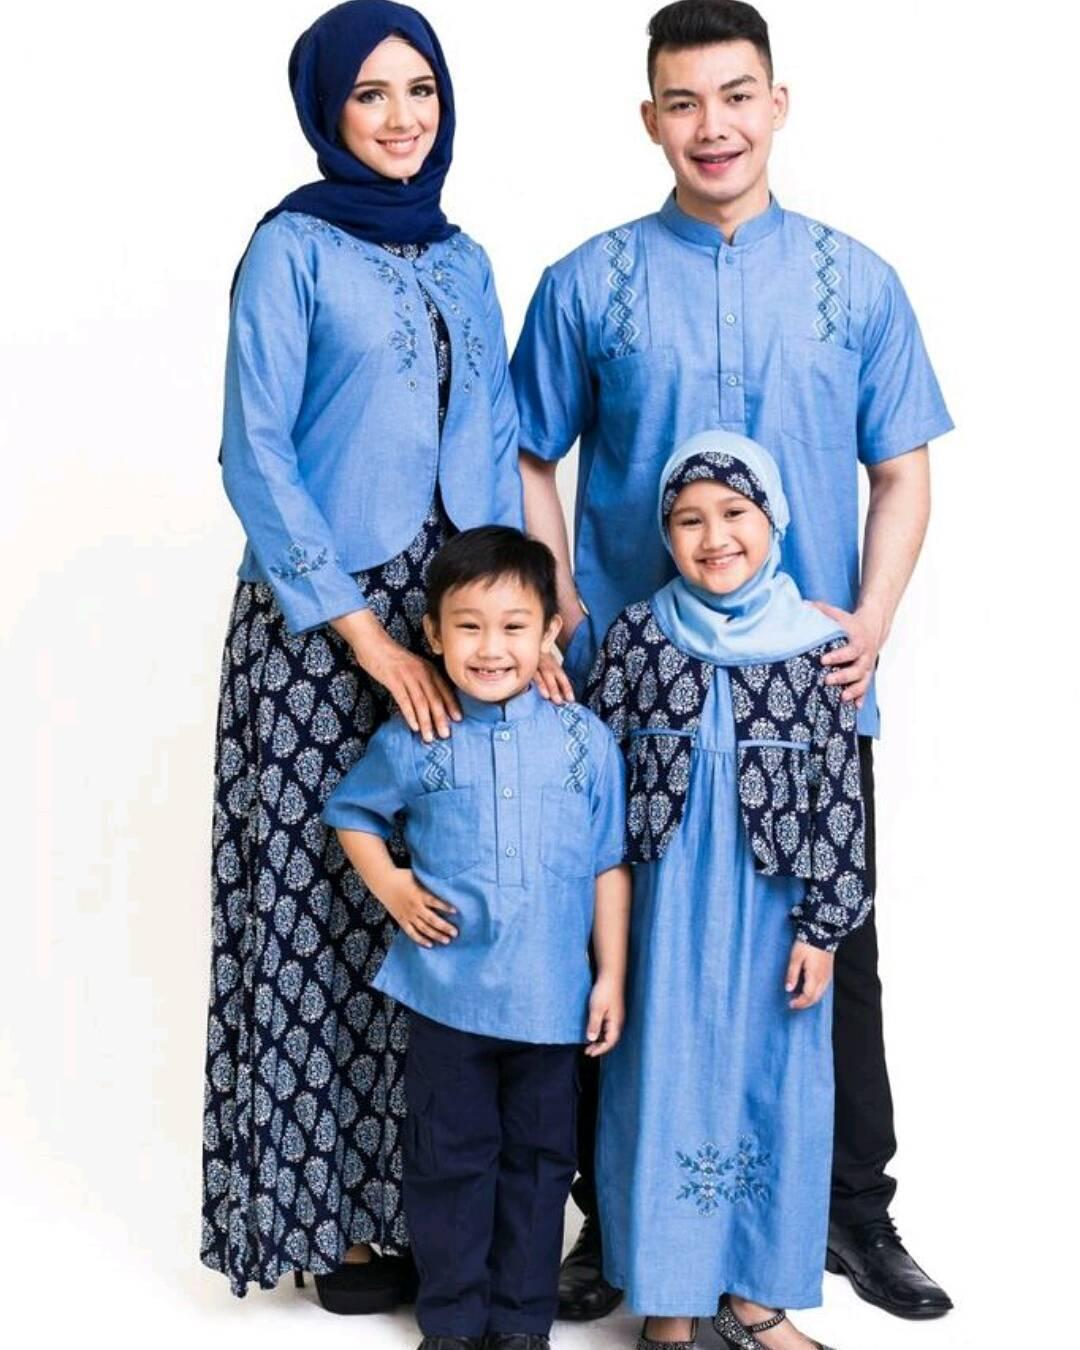 Model Baju Batik Sarimbit Untuk Pakaian Seragam Keluarga: Contoh Model Baju Seragam Keluarga Untuk Pesta Pernikahan 2018